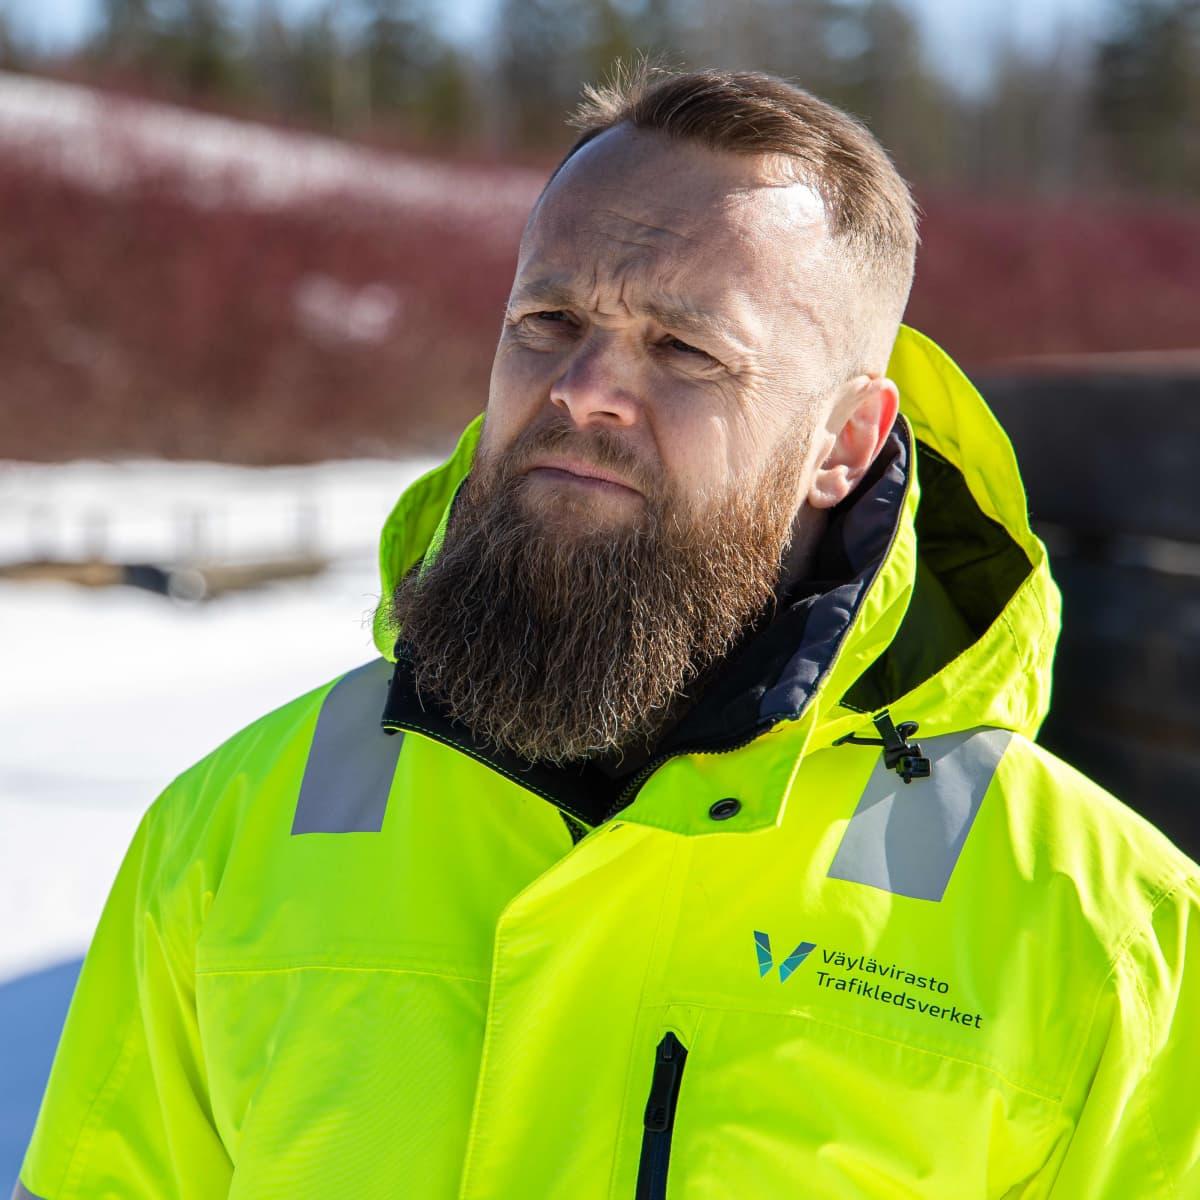 Väyläviraston merenkulun asiantuntija Ilari Rainio